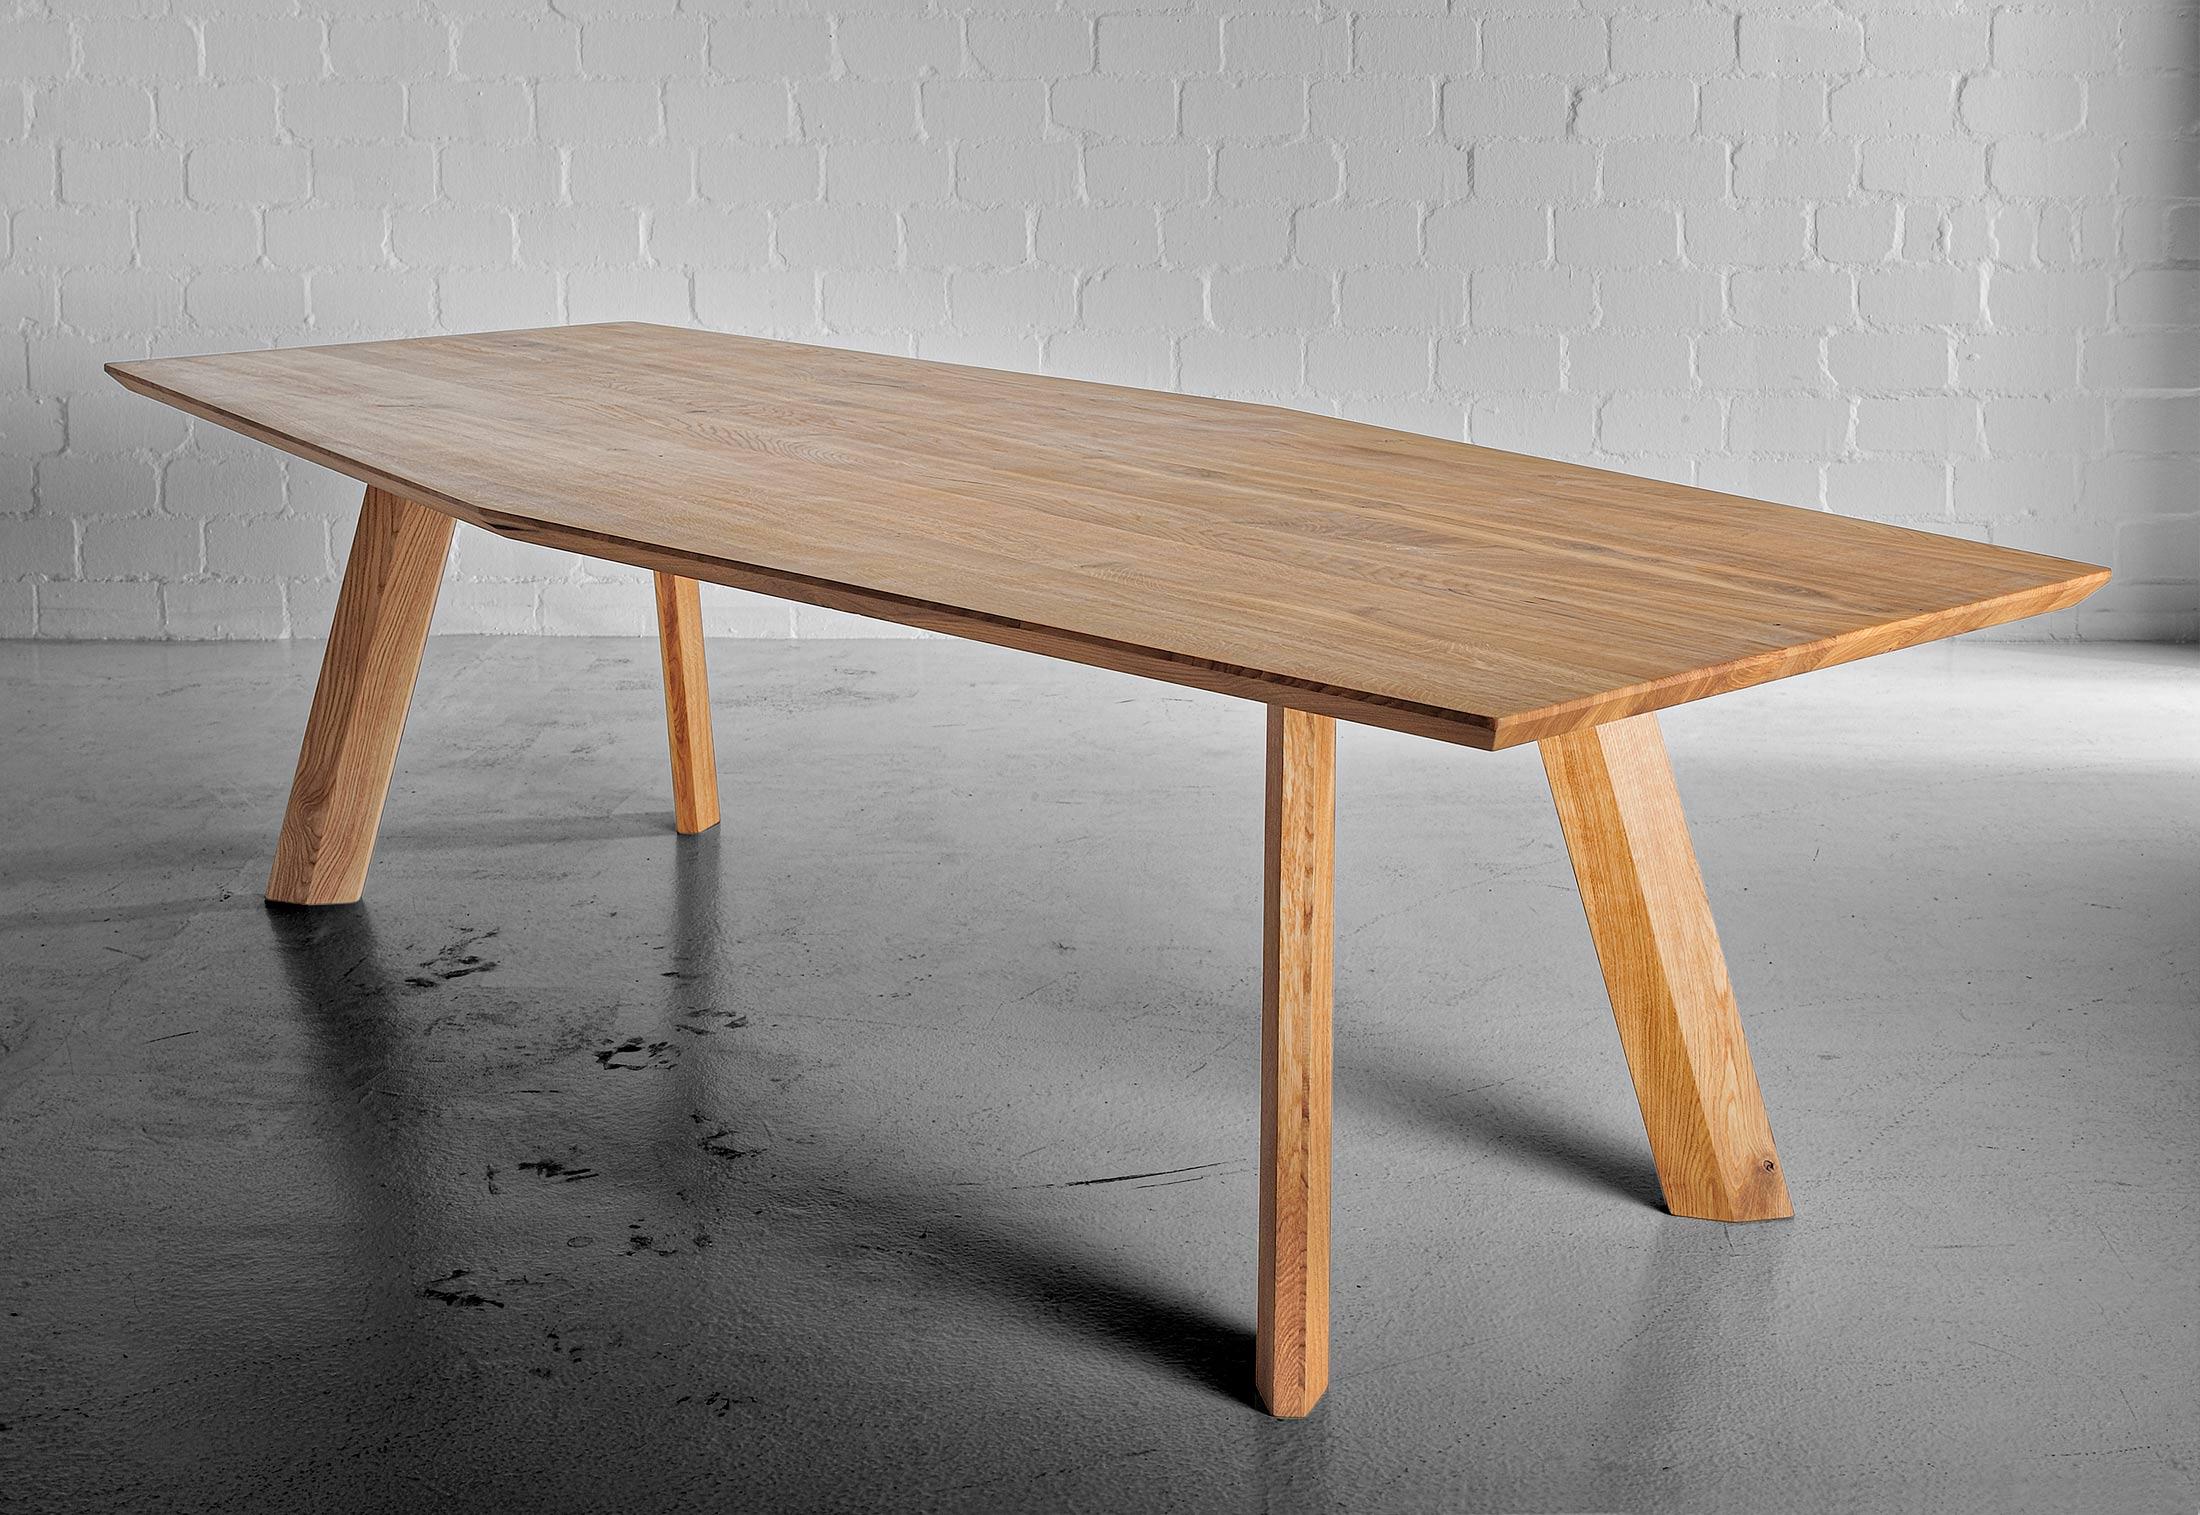 Rhombi tisch von vitamin design stylepark for Vitamin design tisch nojus